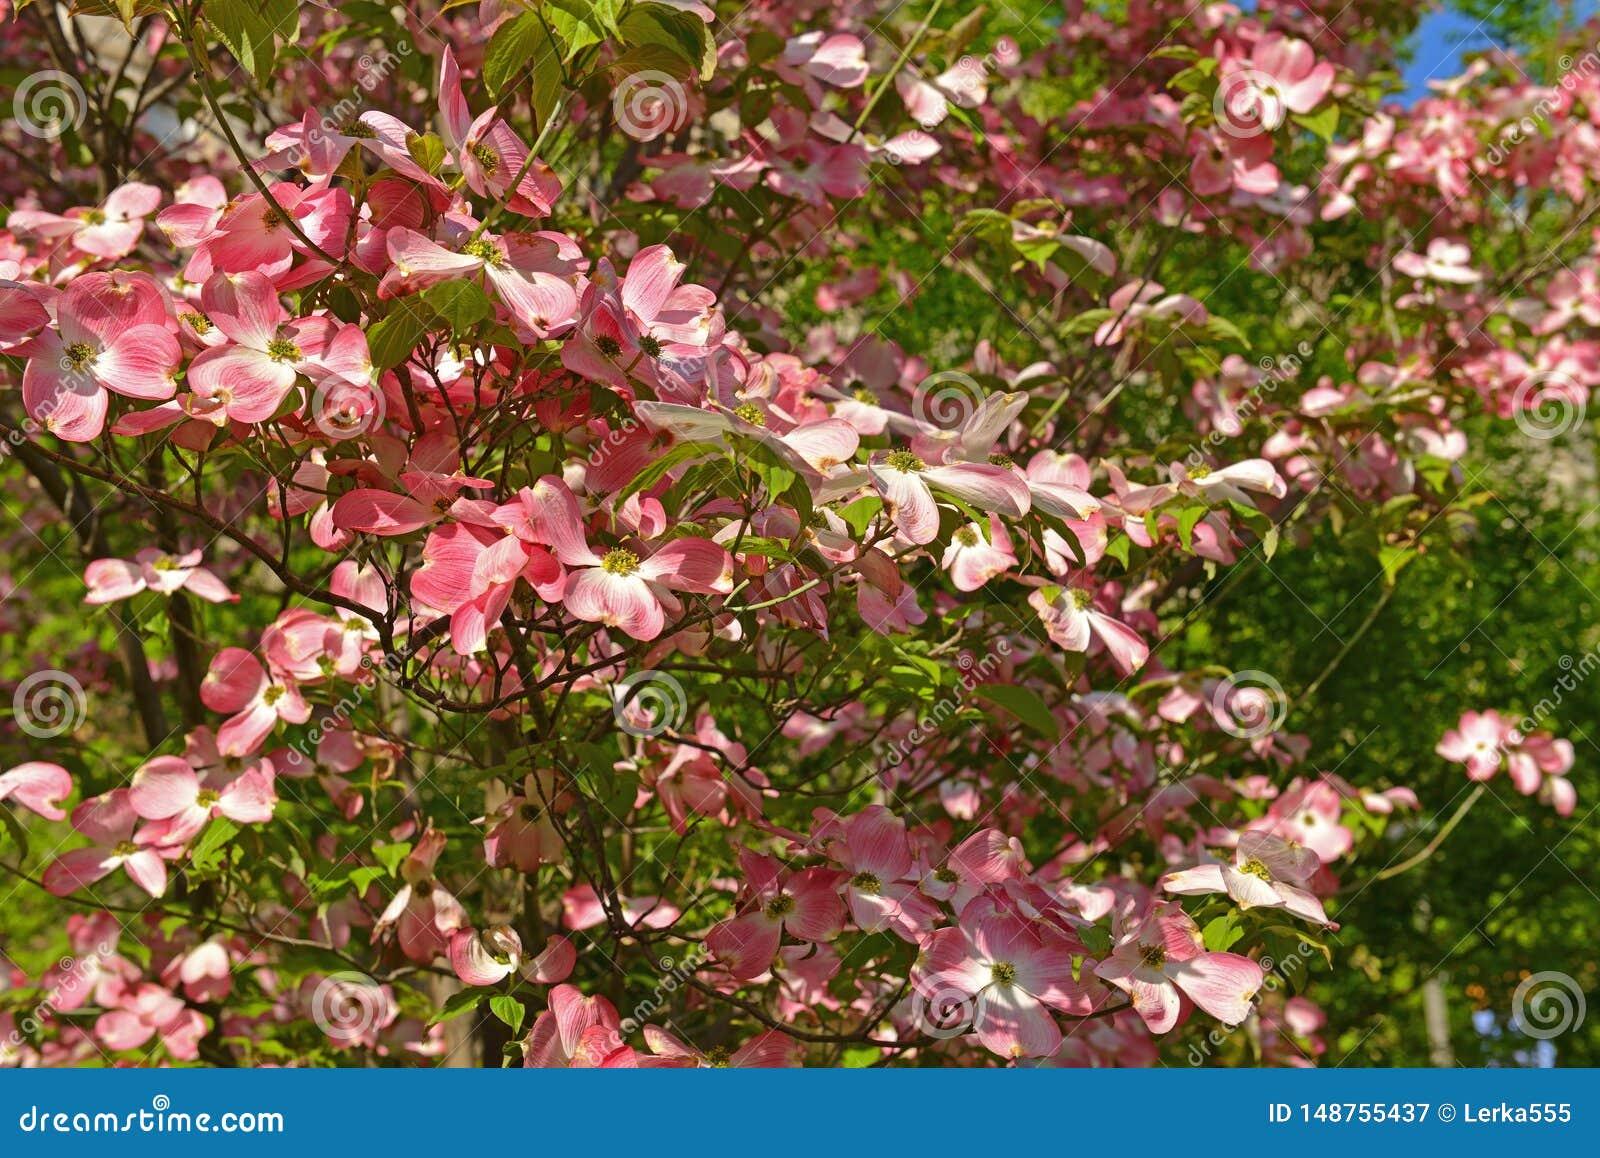 Cornouiller Rose, Type D'arbre De Floraison Qui Produit Les